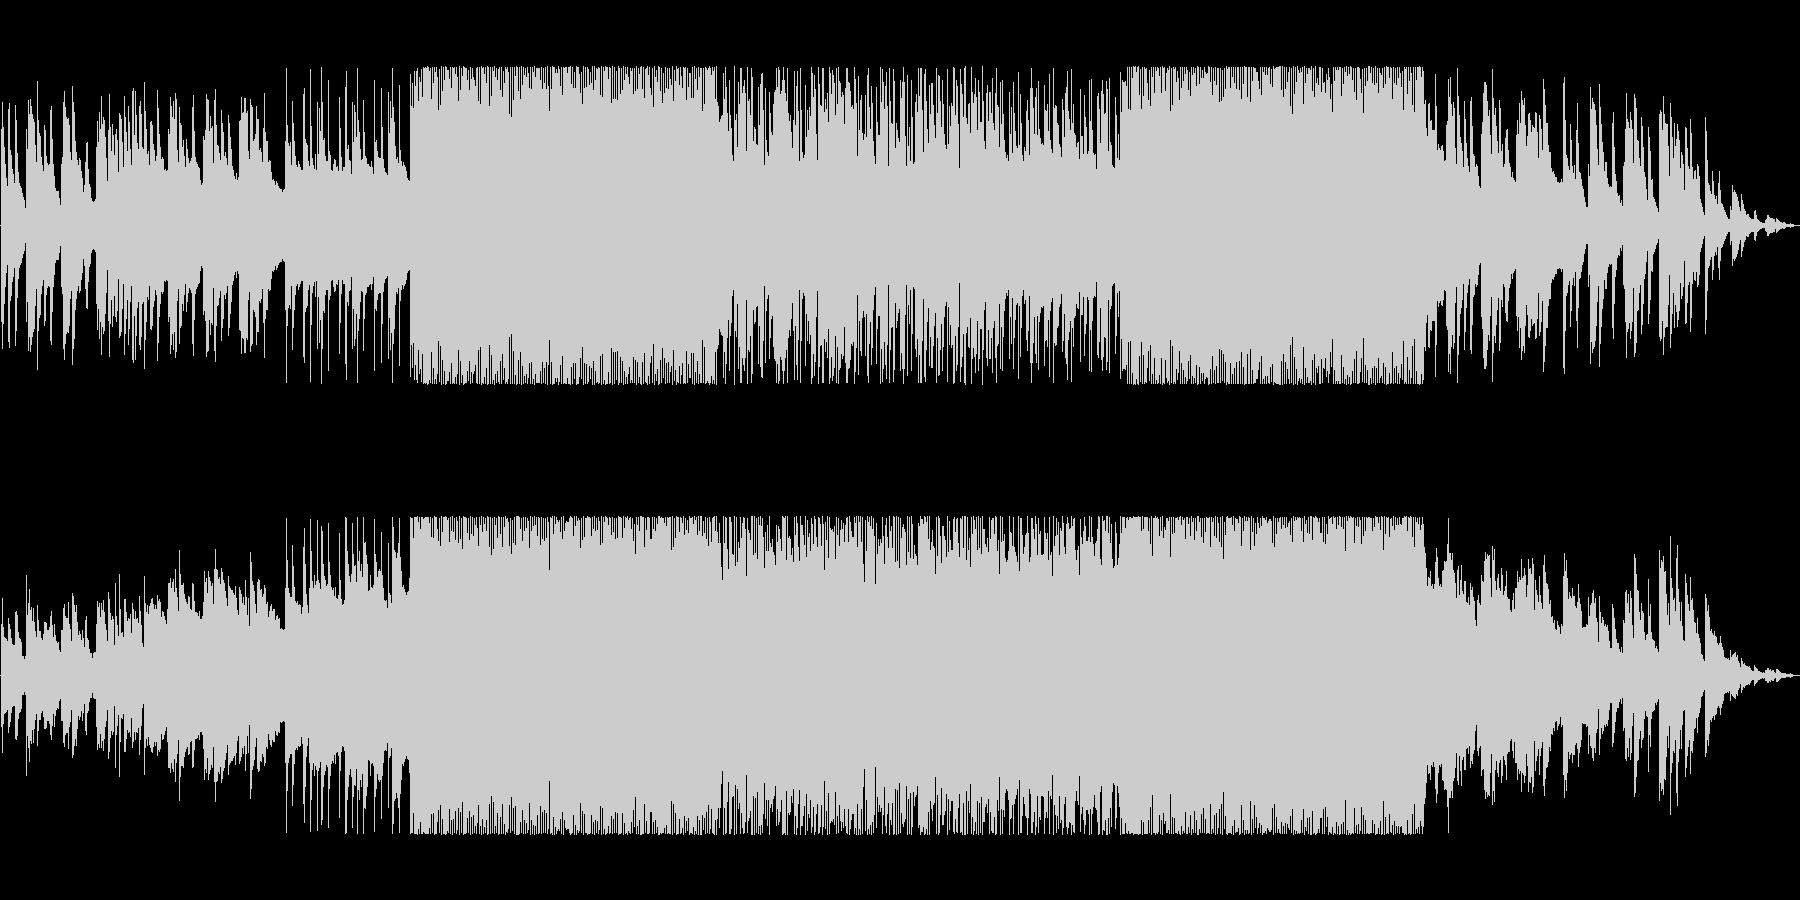 ポップロック。エレクトリックピアノ...の未再生の波形